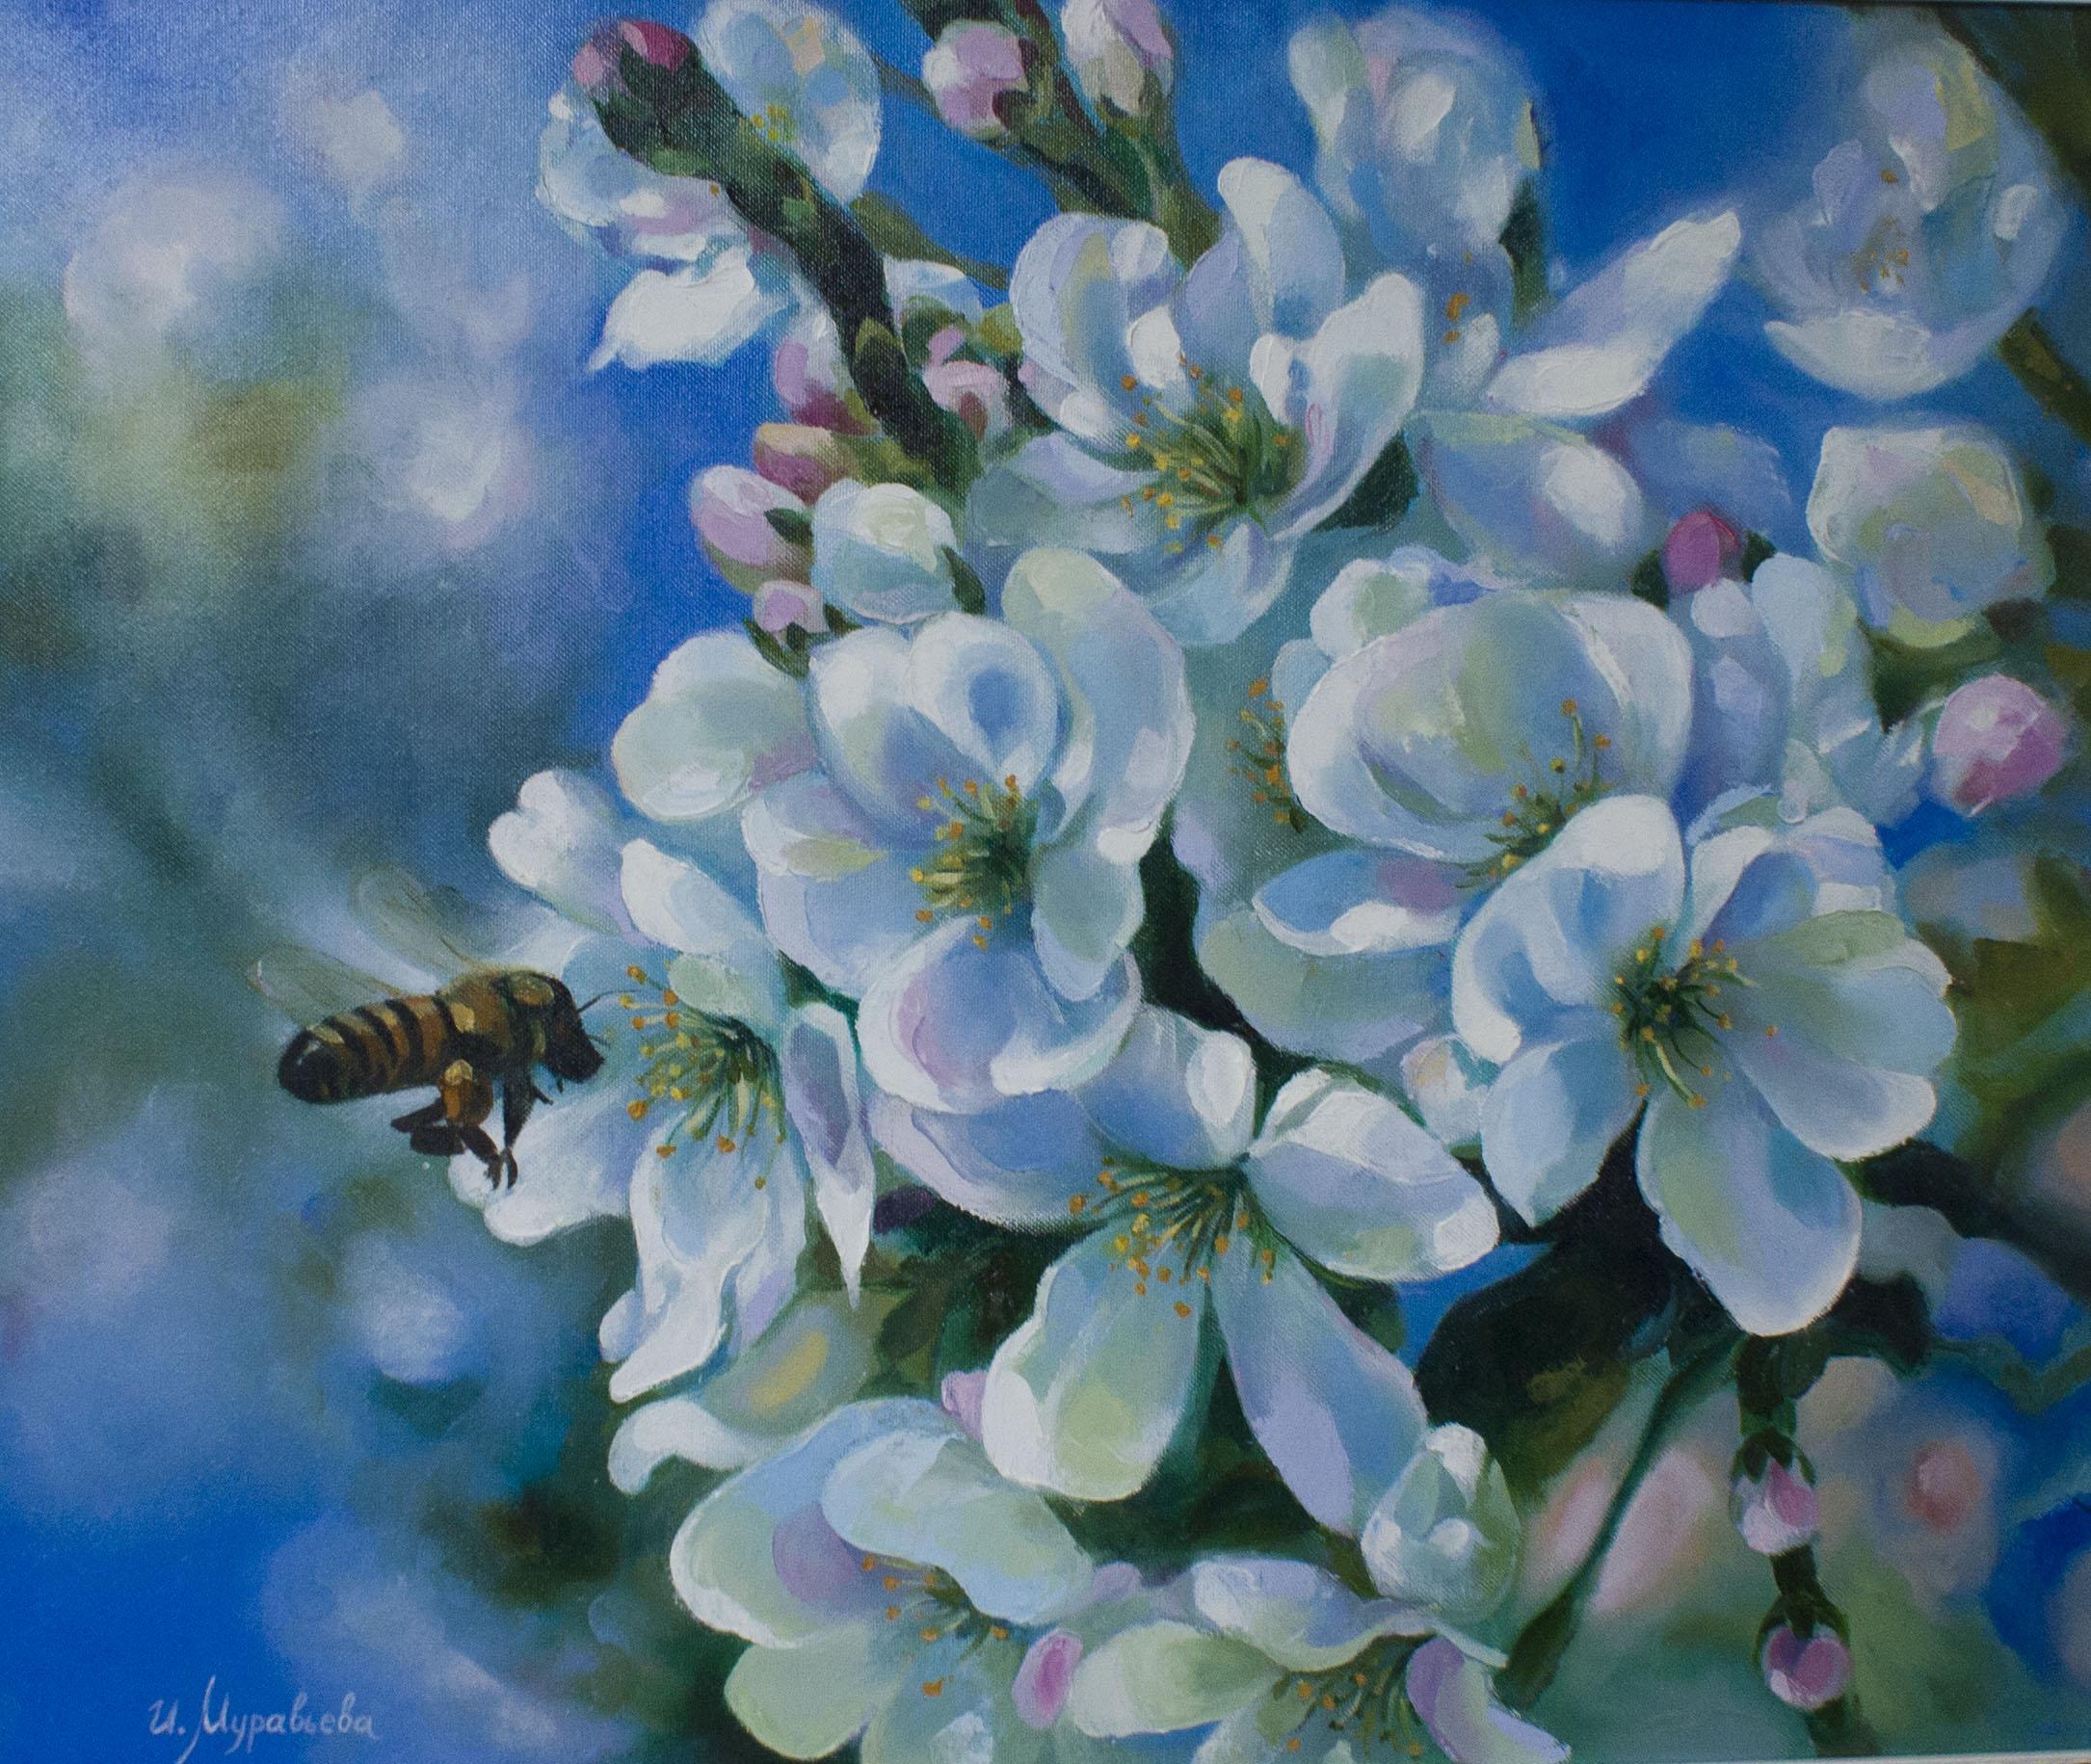 Холст, масло. Живописная работа с изображением цветущей яблони крупным планом.